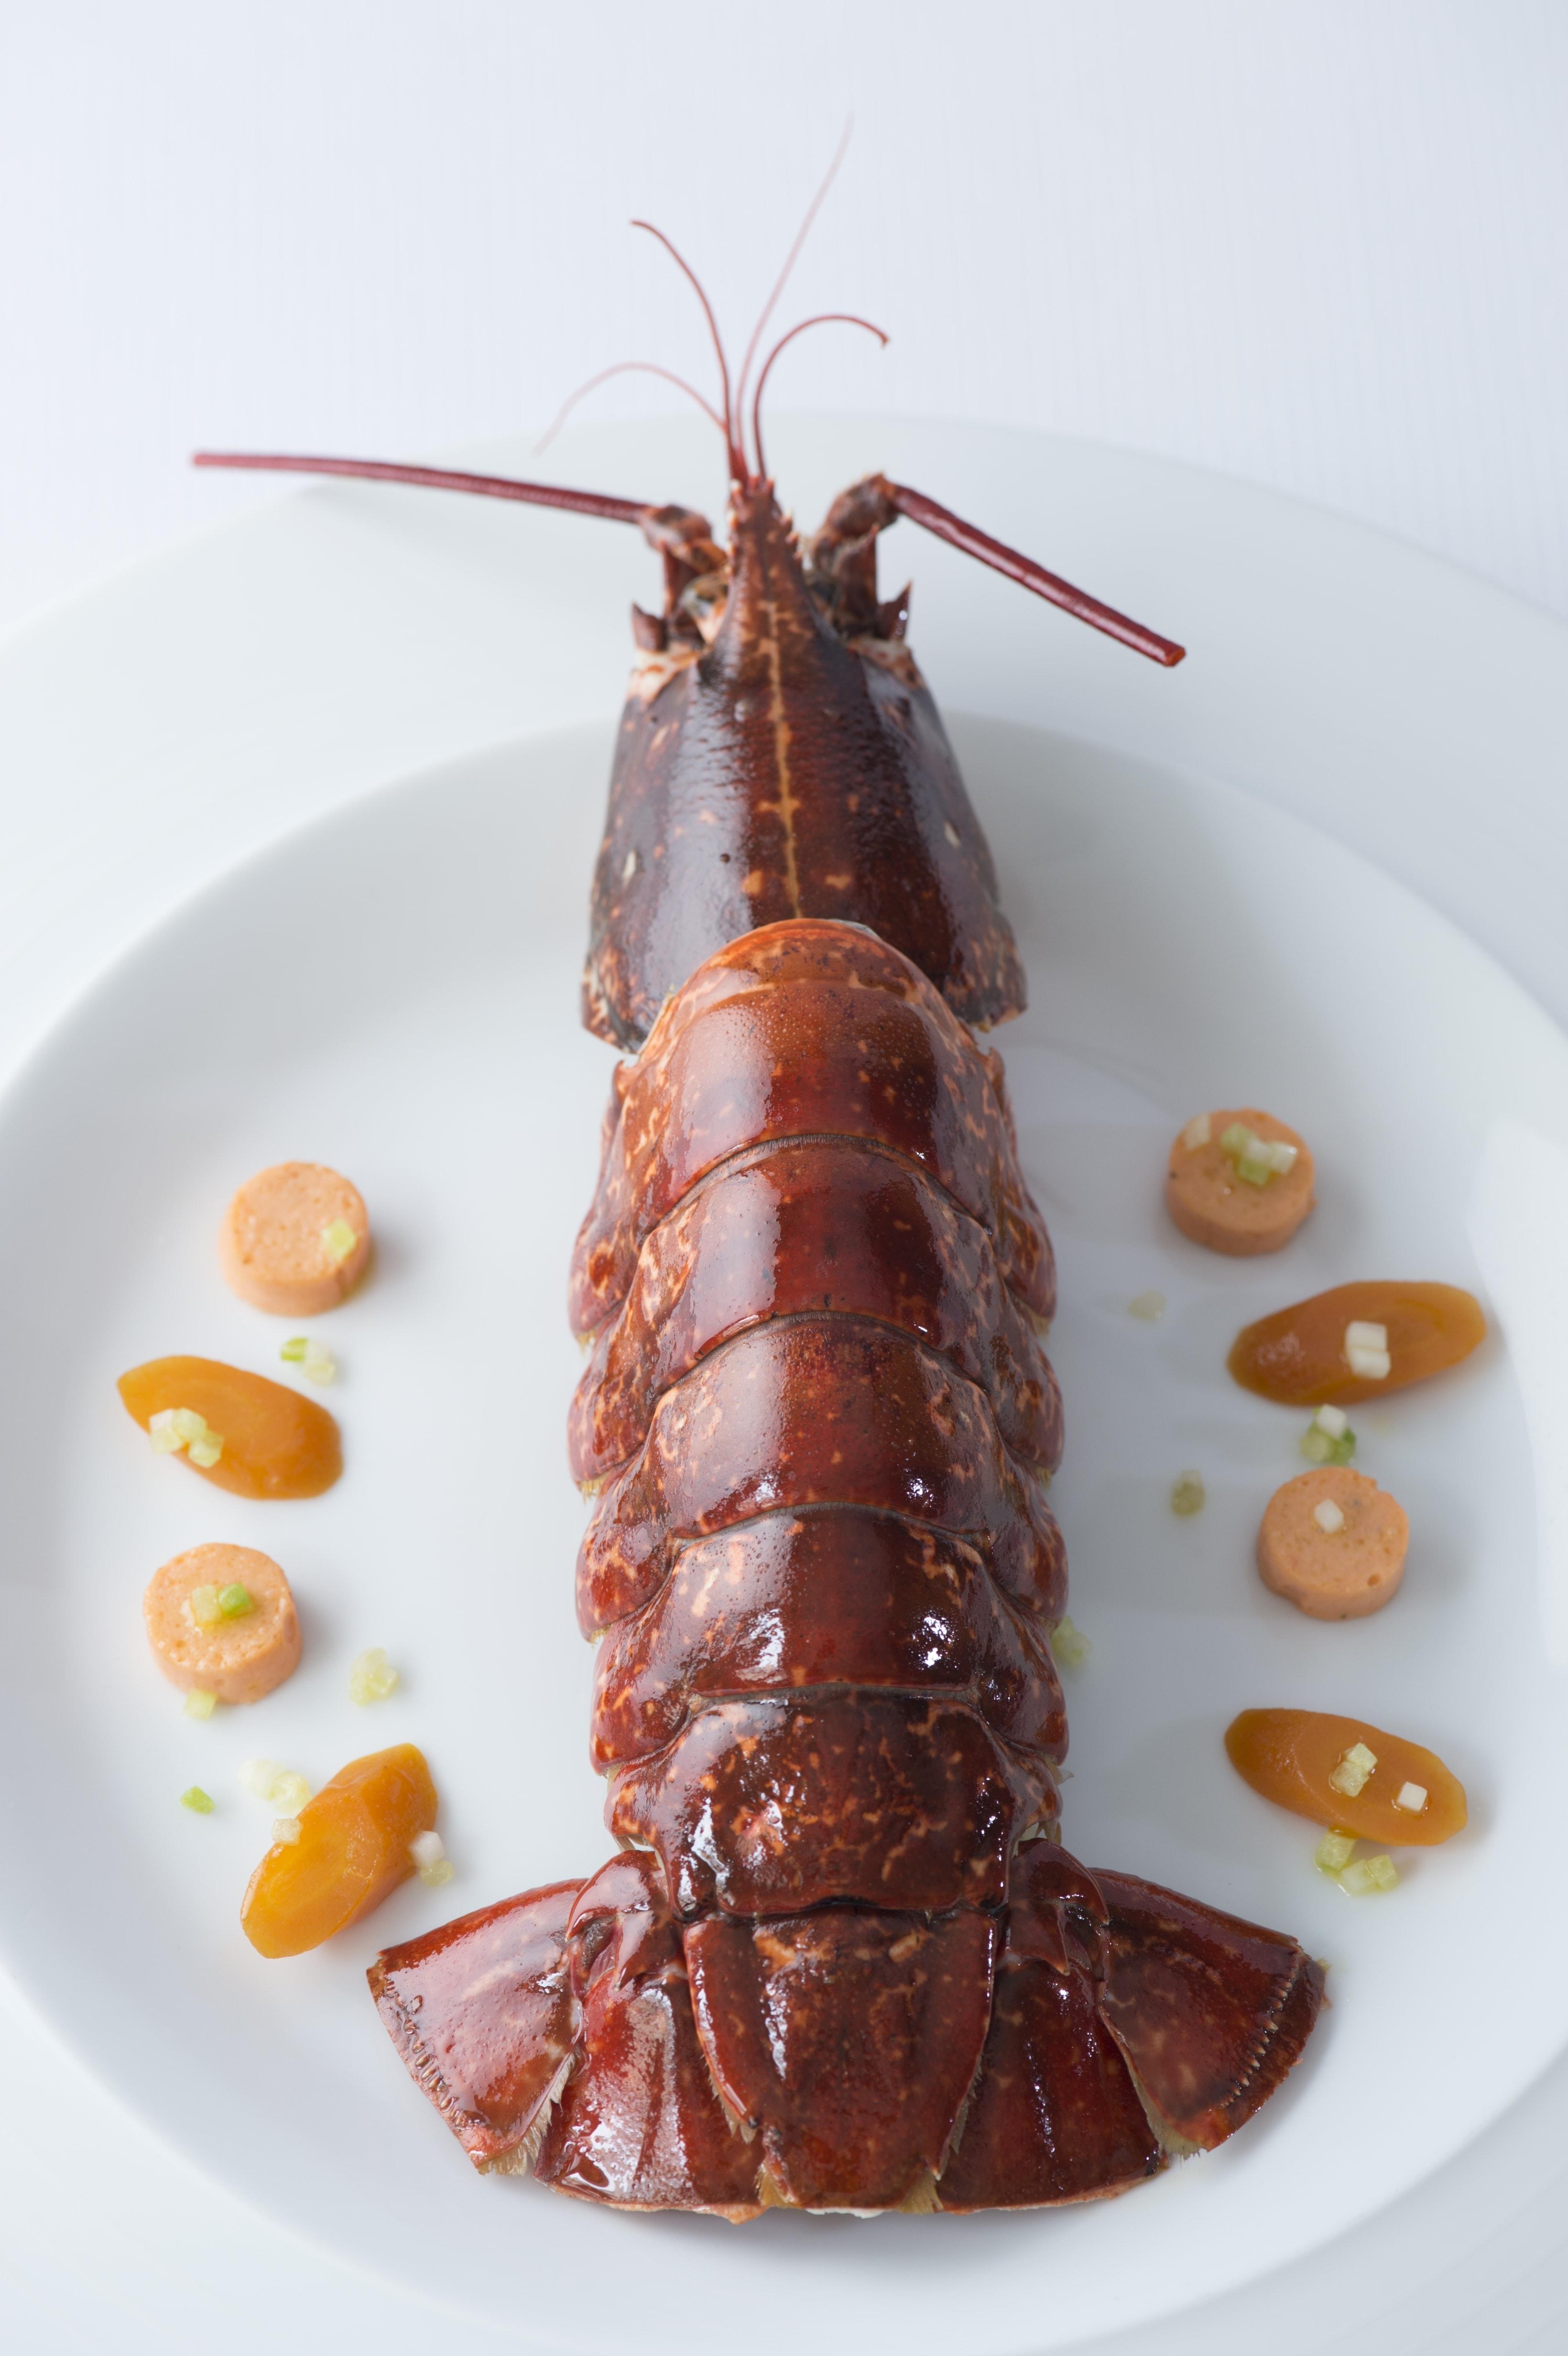 Surprise de homard 1 ©Laurence Mouton-min